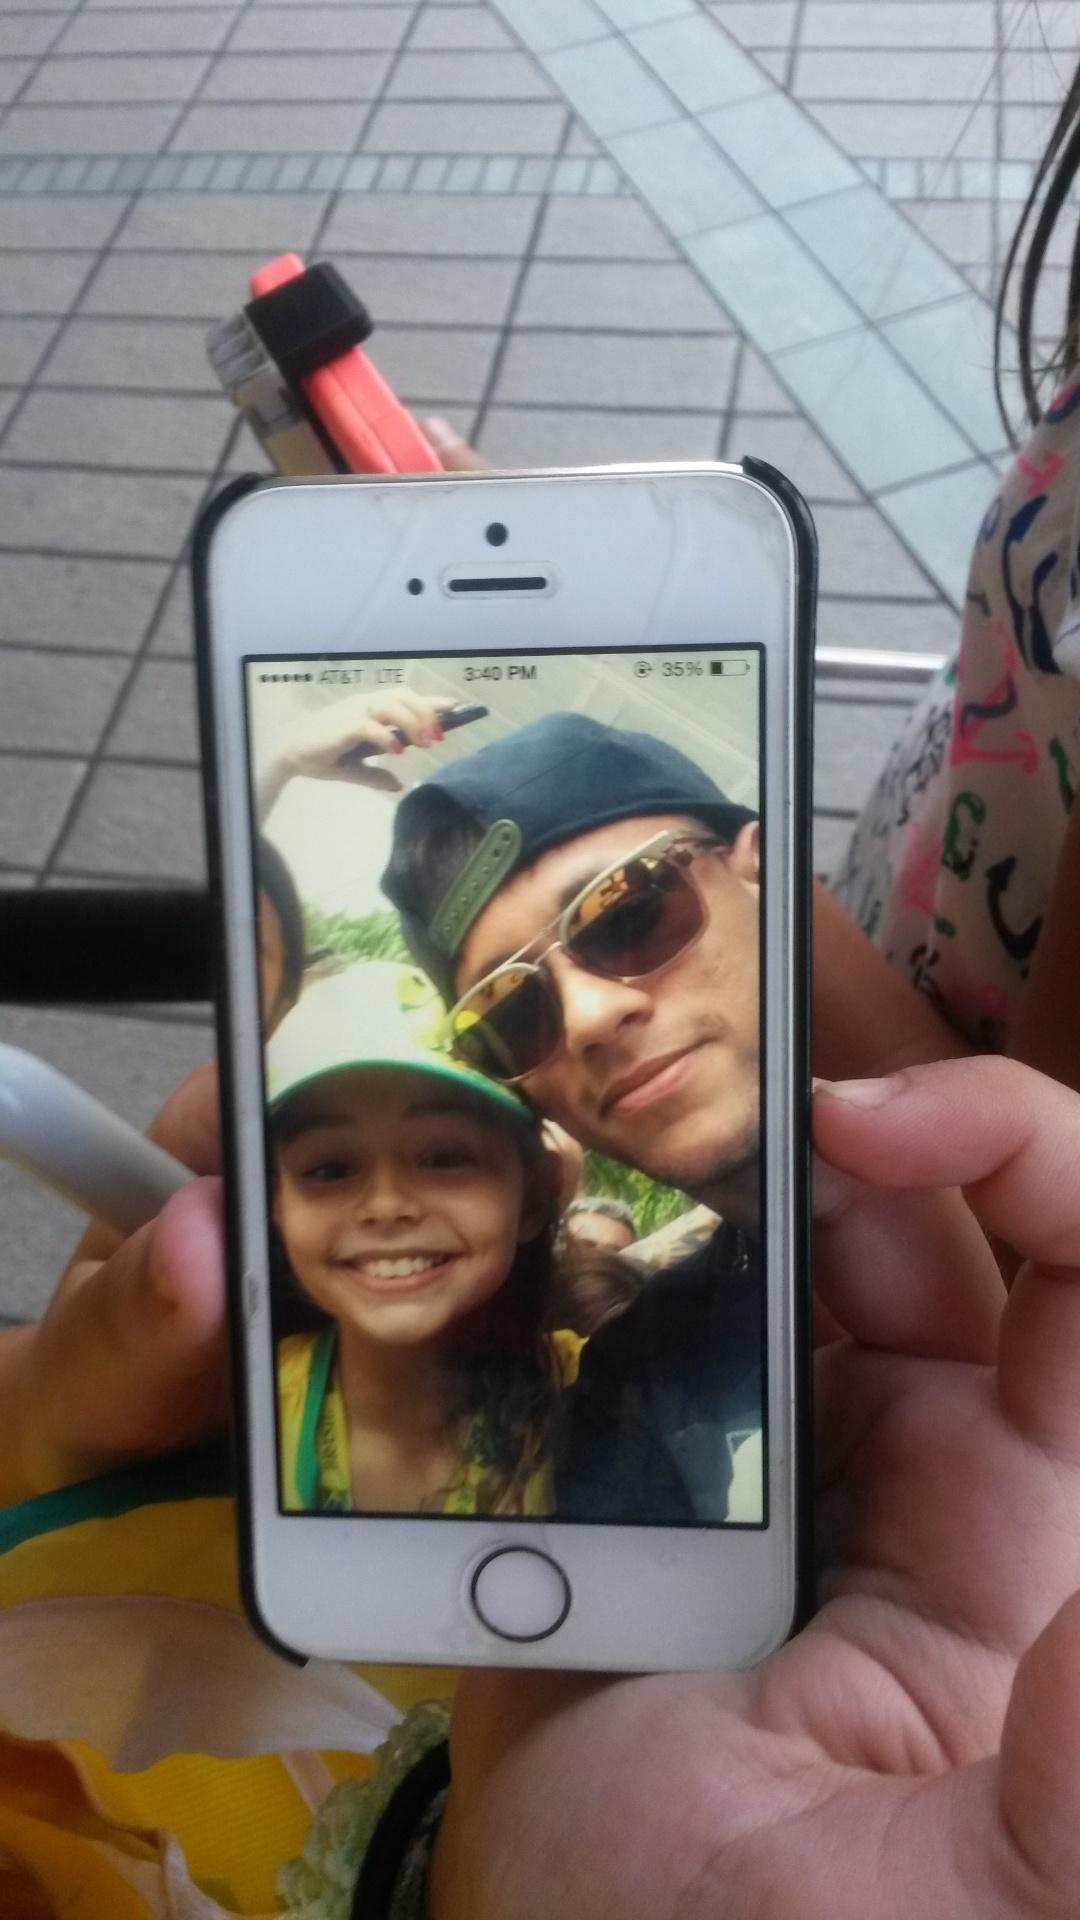 01. set. 2014 - Pequena torcedora do Brasil, fã de Neymar, mostra selfie que conseguiu tirar com o jogador na chegada ao hotel, em Miami